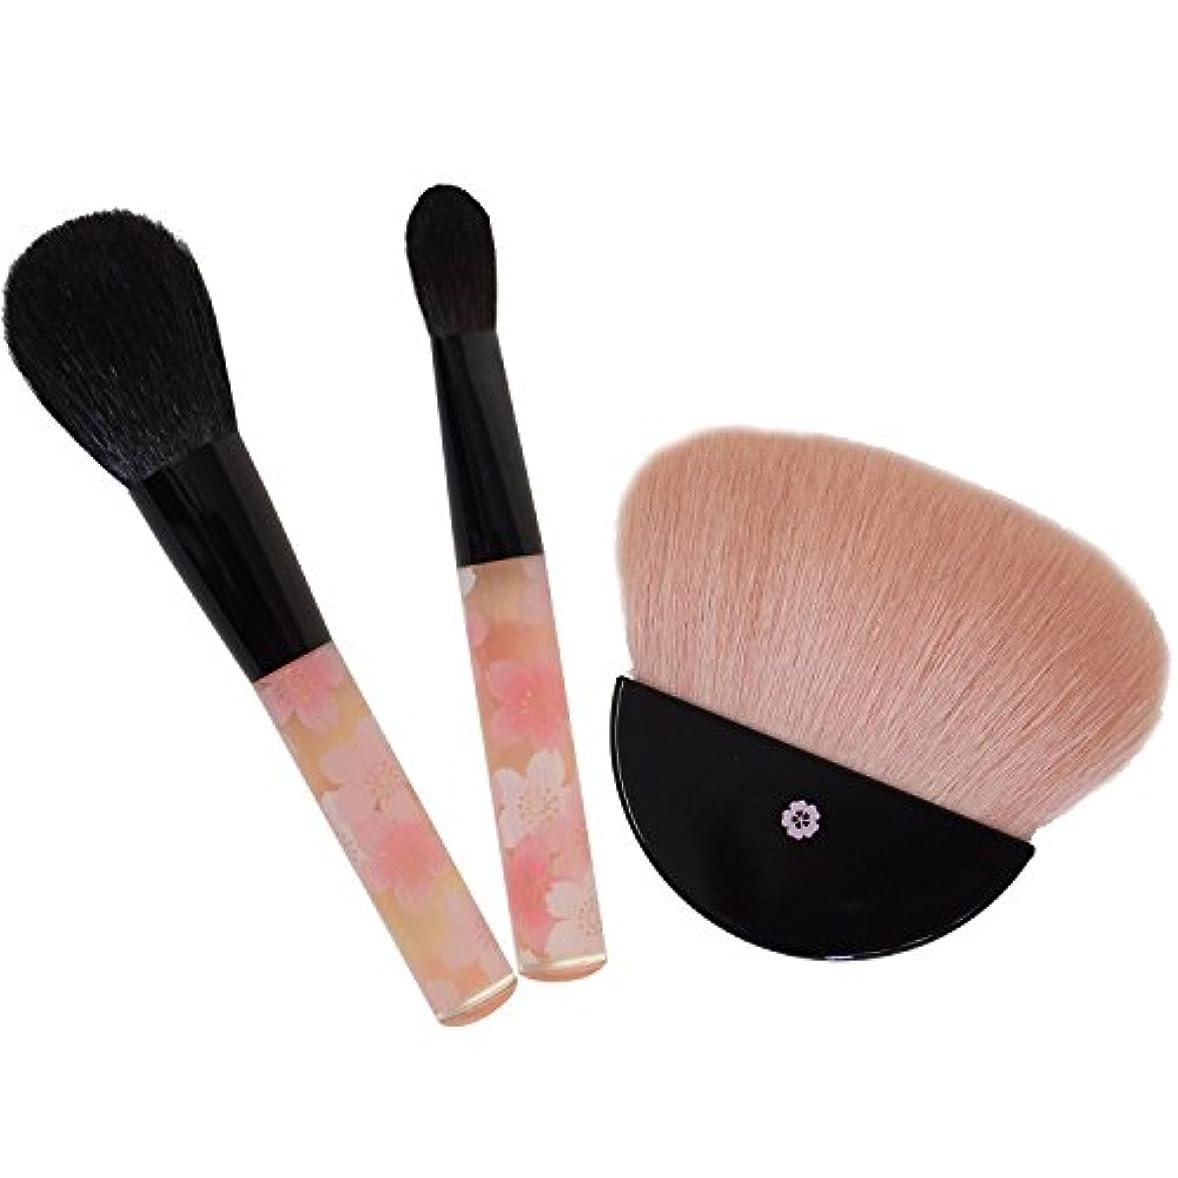 櫛活発非アクティブBP-set 六角館さくら堂 べっぴん桜筆セット ピンクの桜柄がかわいい オリジナル化粧筆セット 専用ボックスに入れてお届け